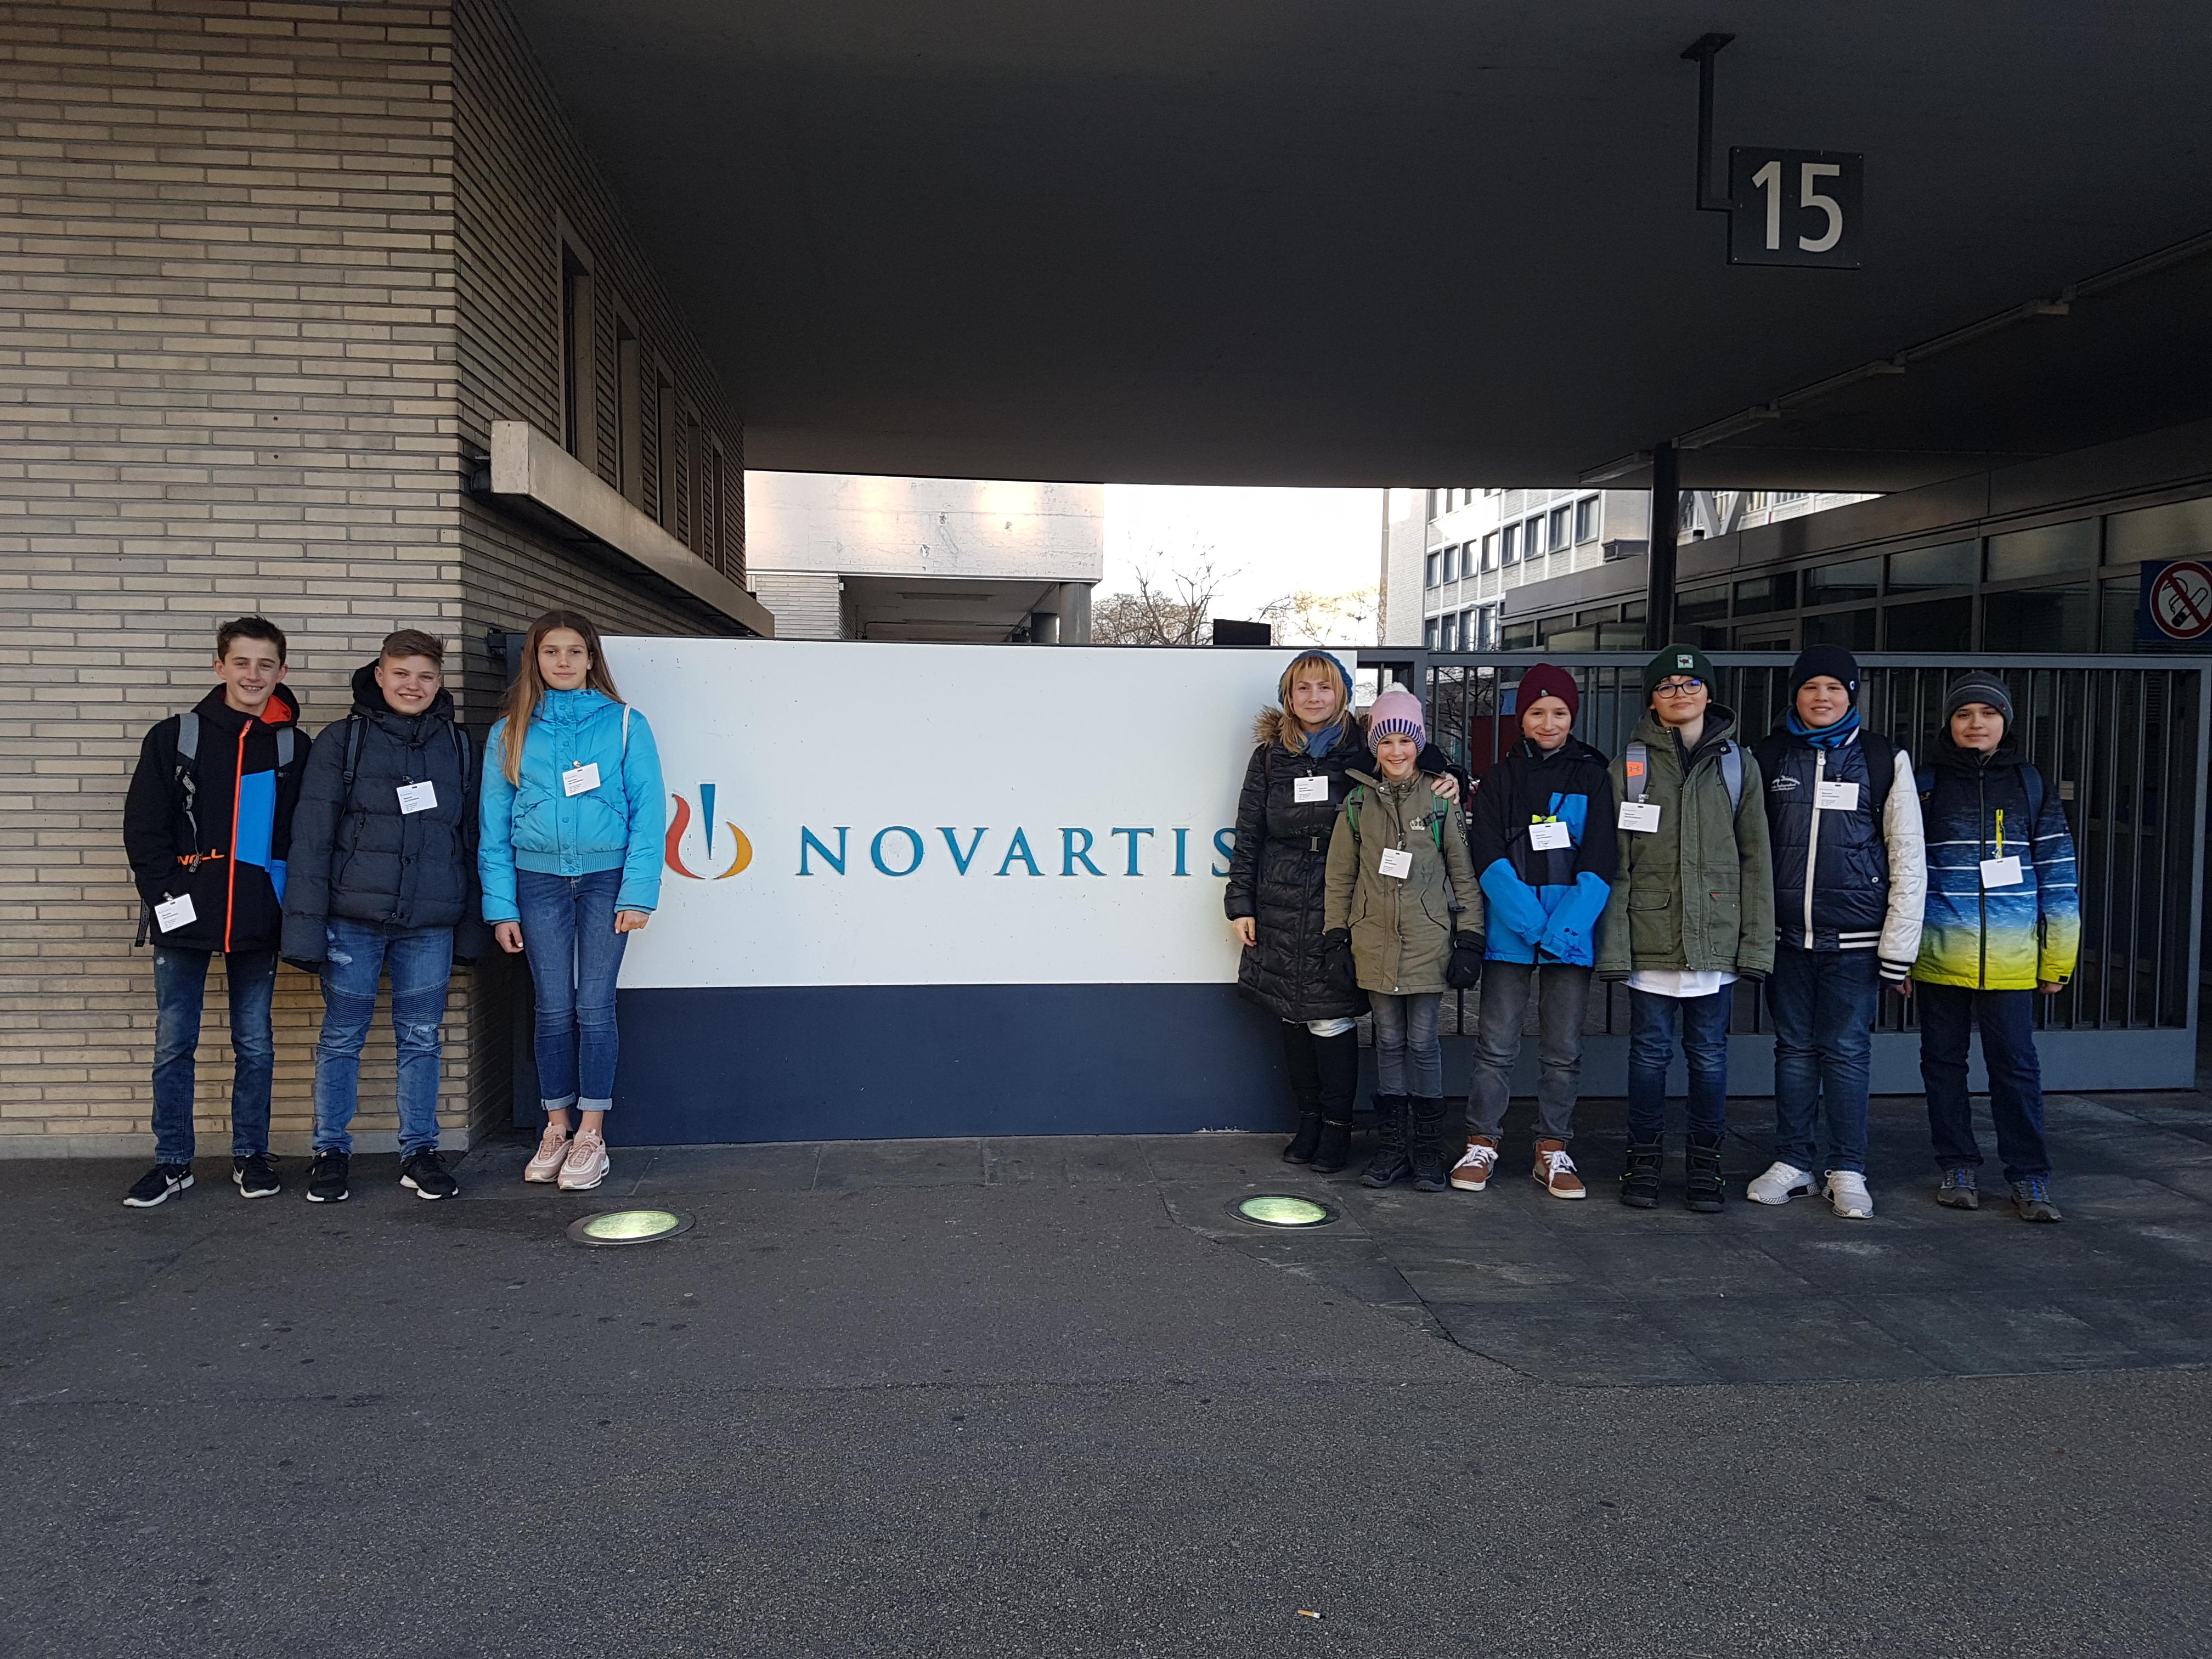 Brainteam in front of Novartis